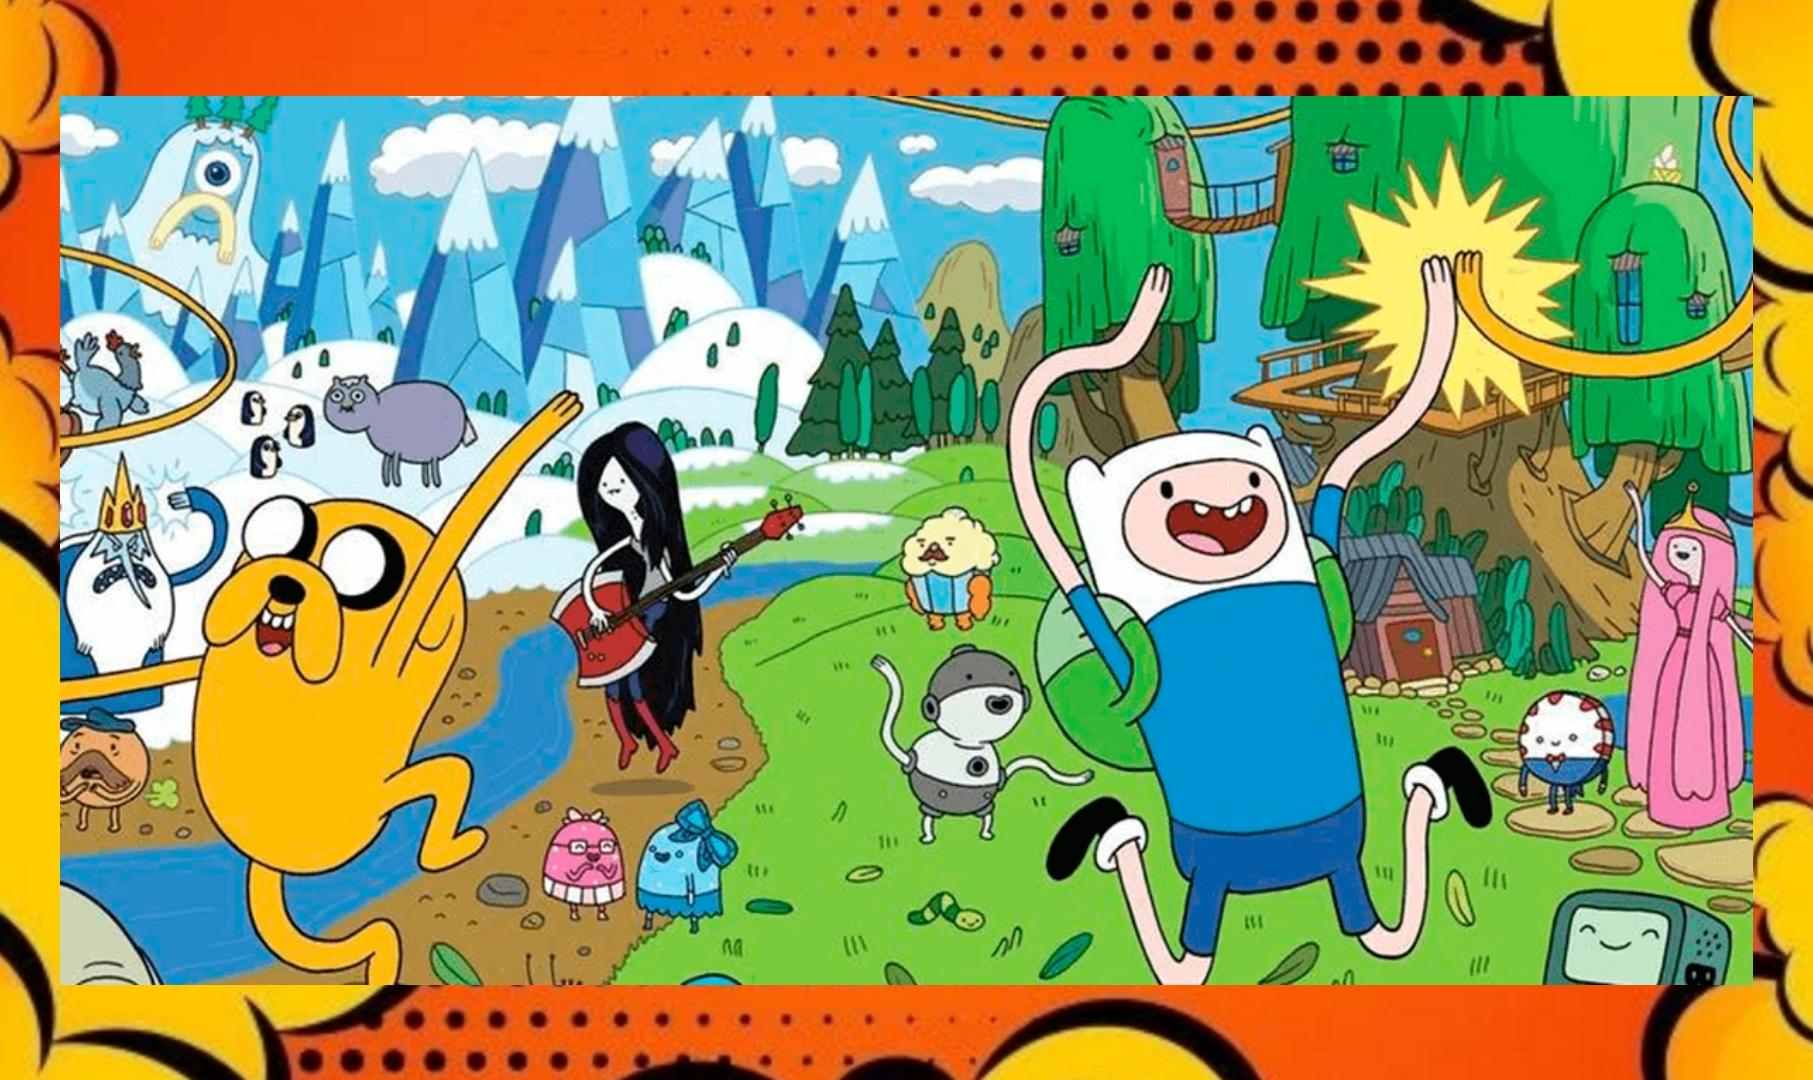 A imagem tem uma borda laranja, e no centro uma cena onde aparece os personagens principais da animação correndo aleatoriamente com os braços erguidos.